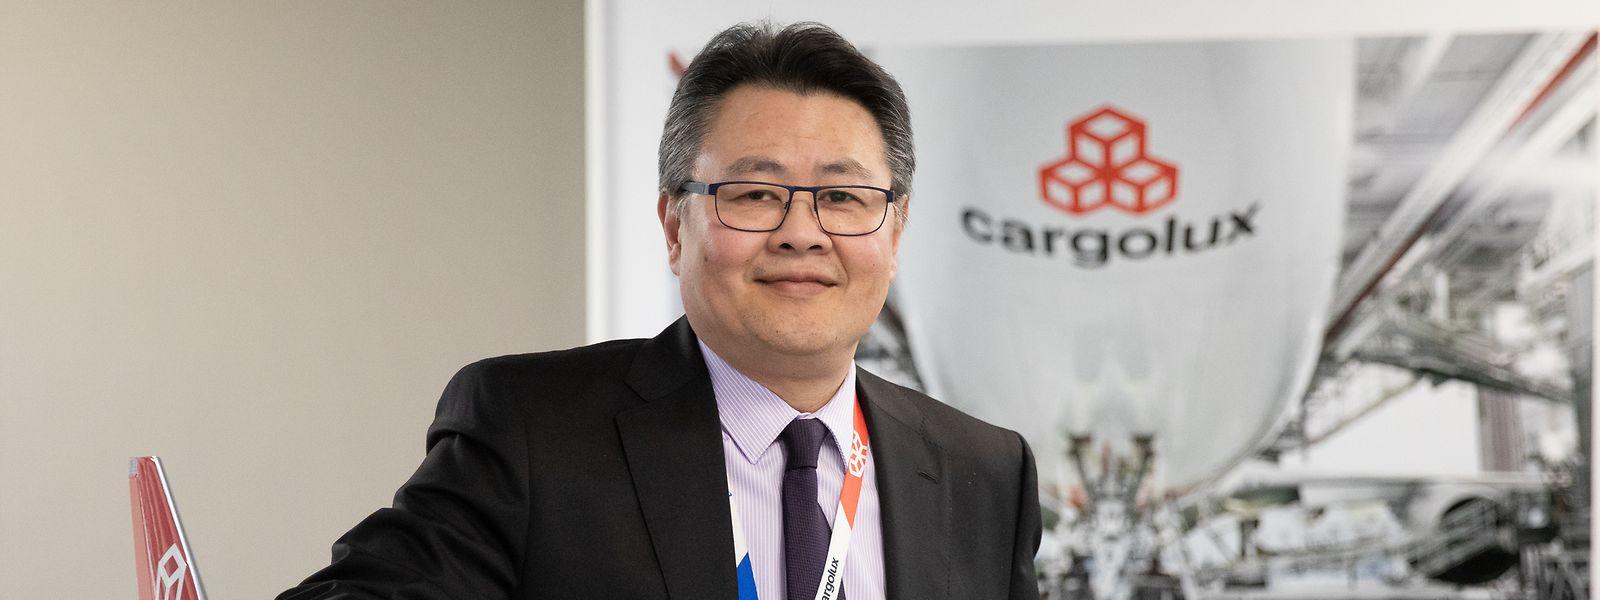 Cargolux est «habituée à transporter des produits pharmaceutiques par avion», souligne Richard Forson, CEO de l'entreprise luxembourgeoise.